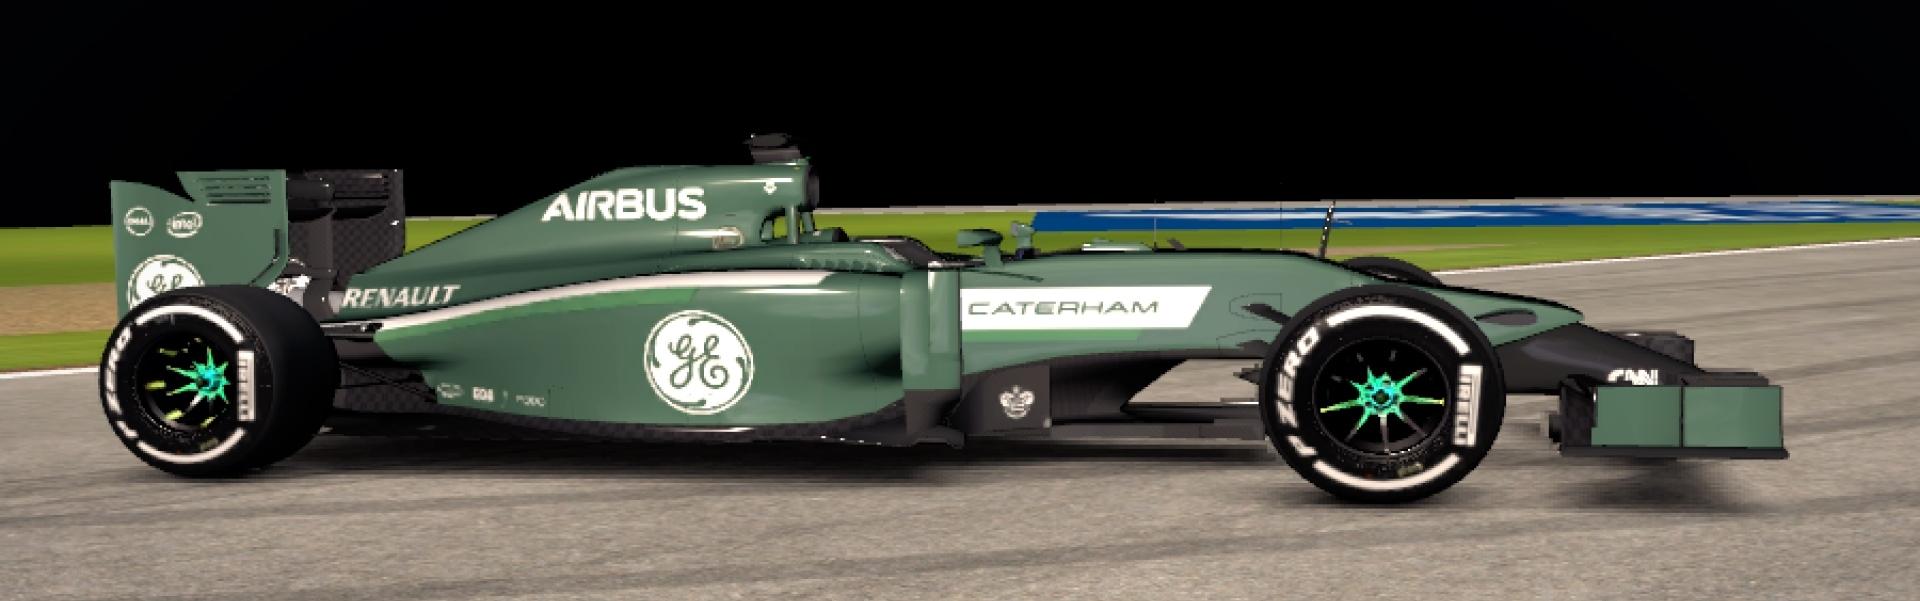 F1_2014 2015-07-18 12-14-08-497.jpg